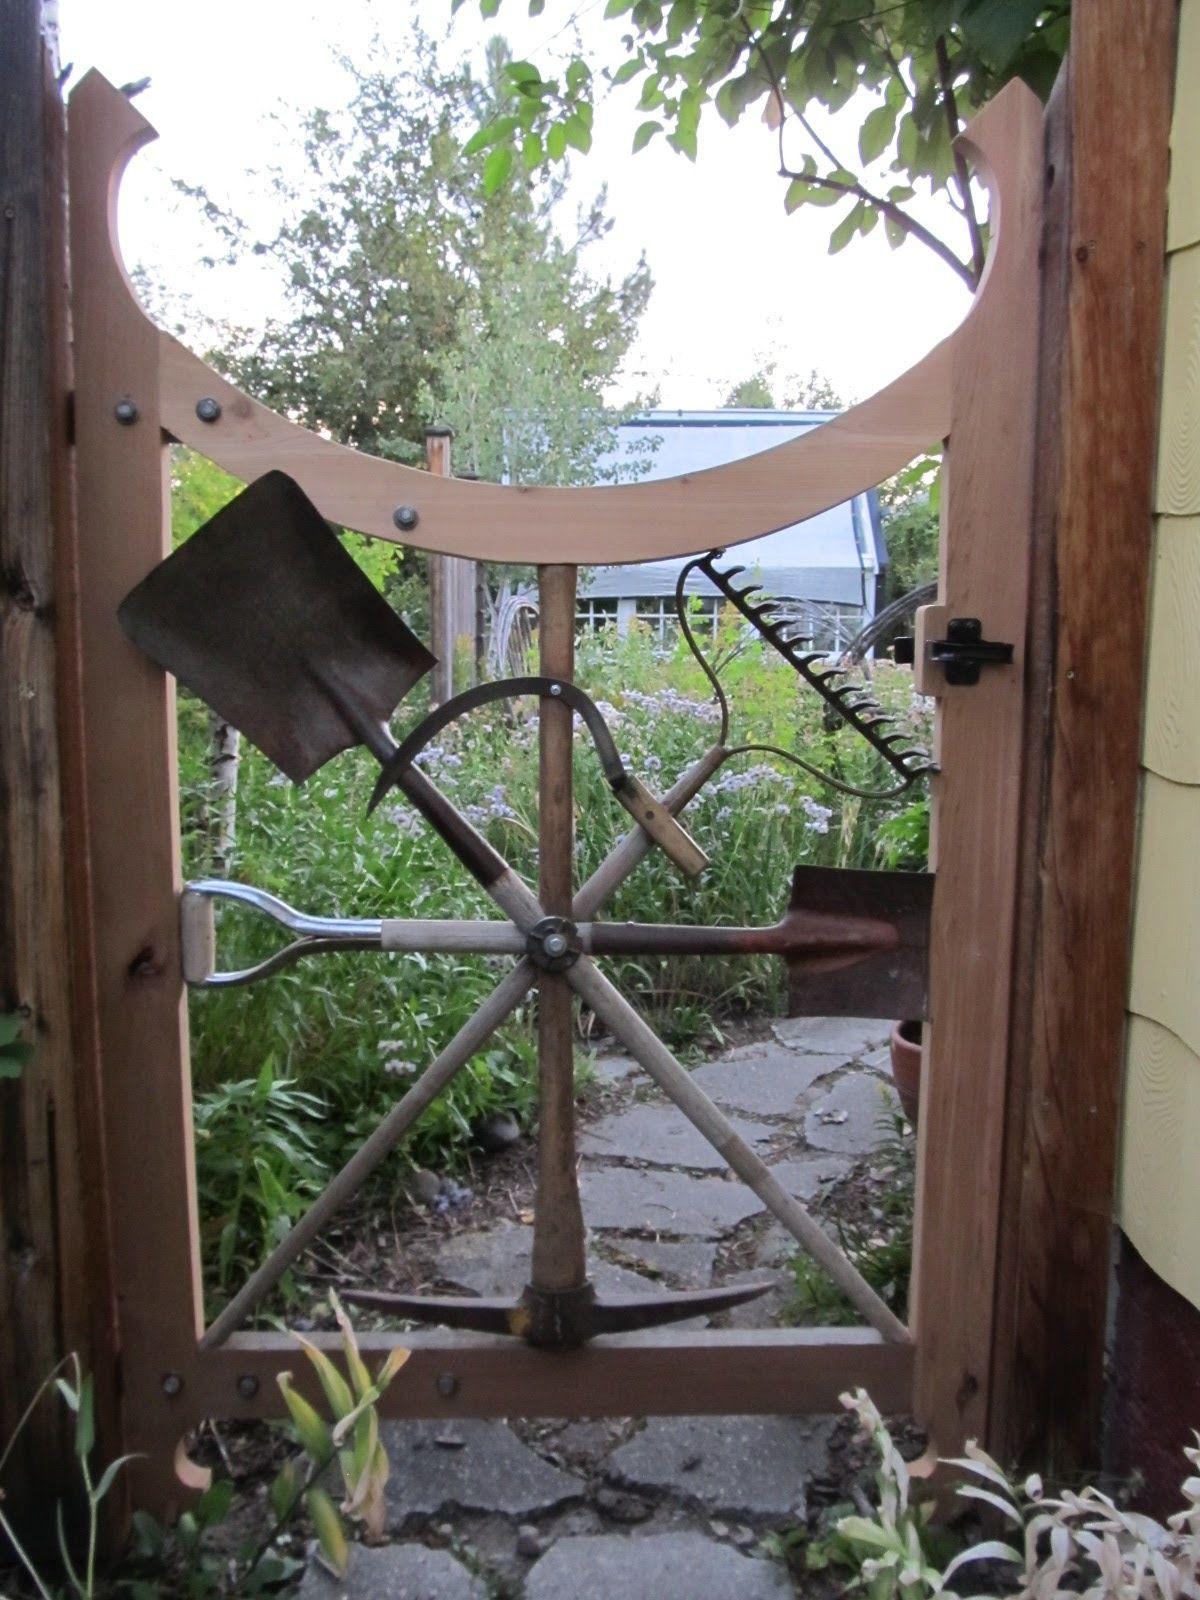 Gartenzaun Diy  Gartentor selber bauen Kreative Ideen